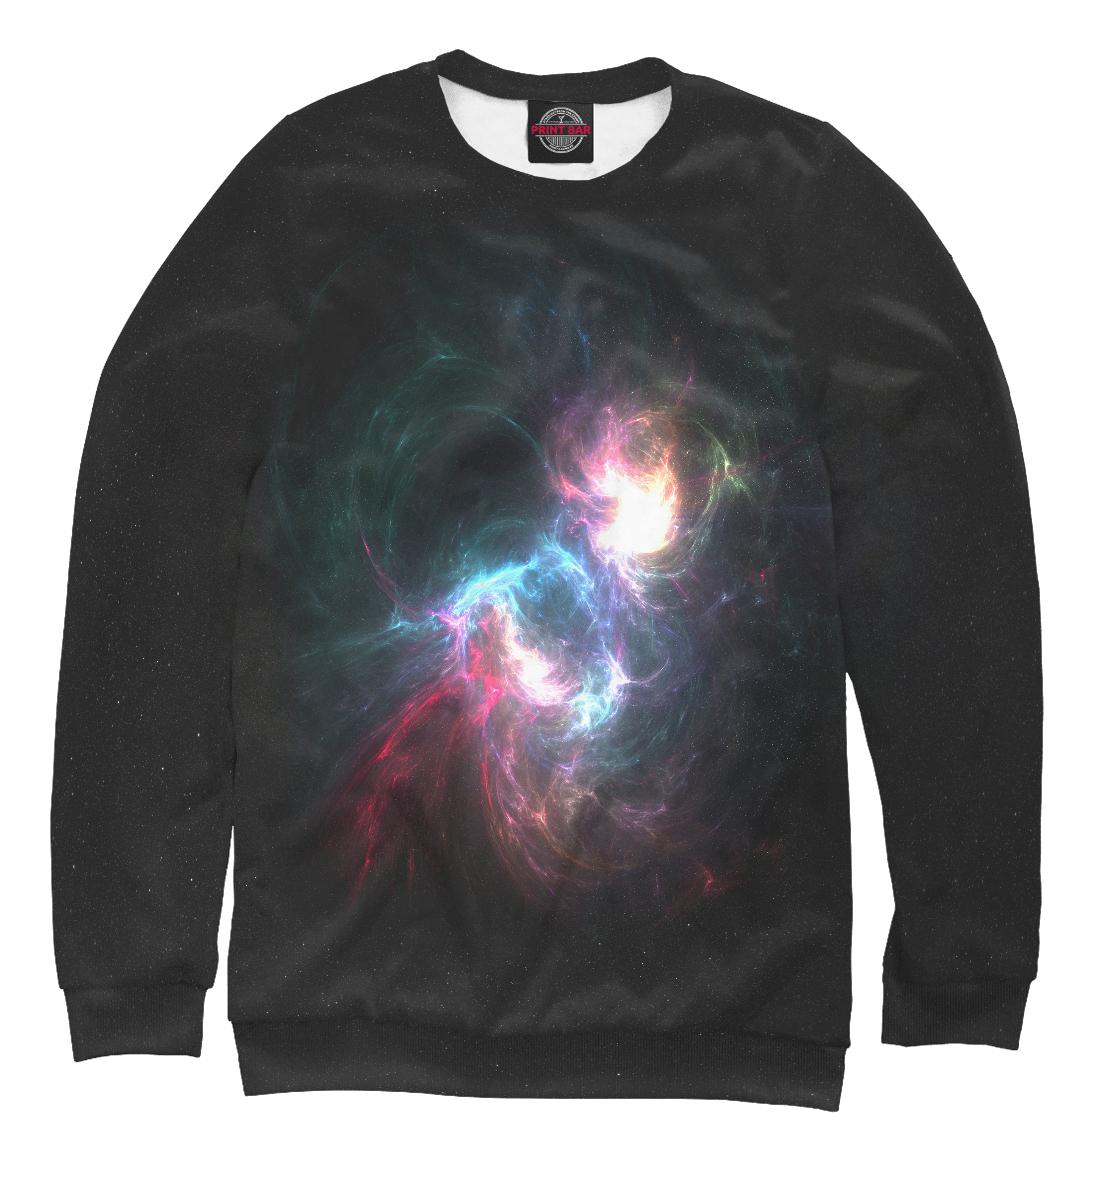 Купить Вселенная, Printbar, Свитшоты, MAC-821469-swi-1